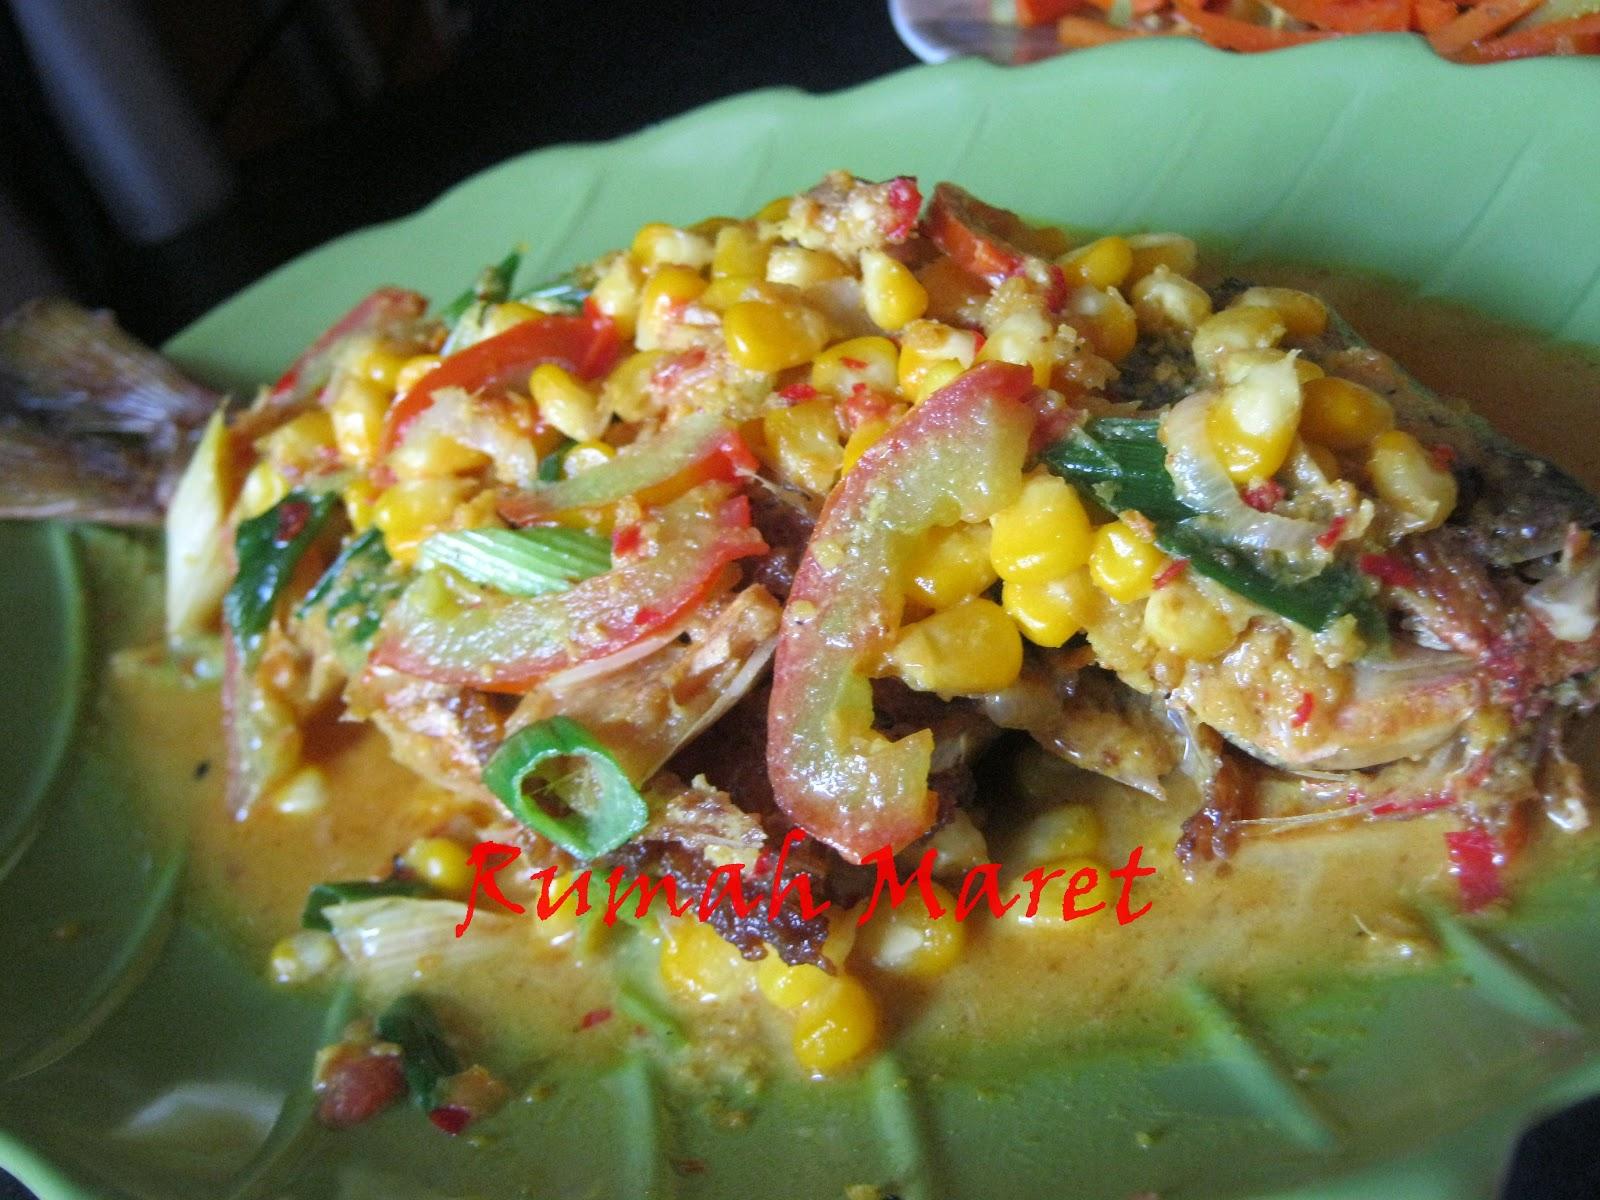 Resep Masak Sehari-hari: Resep Ikan Ekor Kuning Acar Jagung